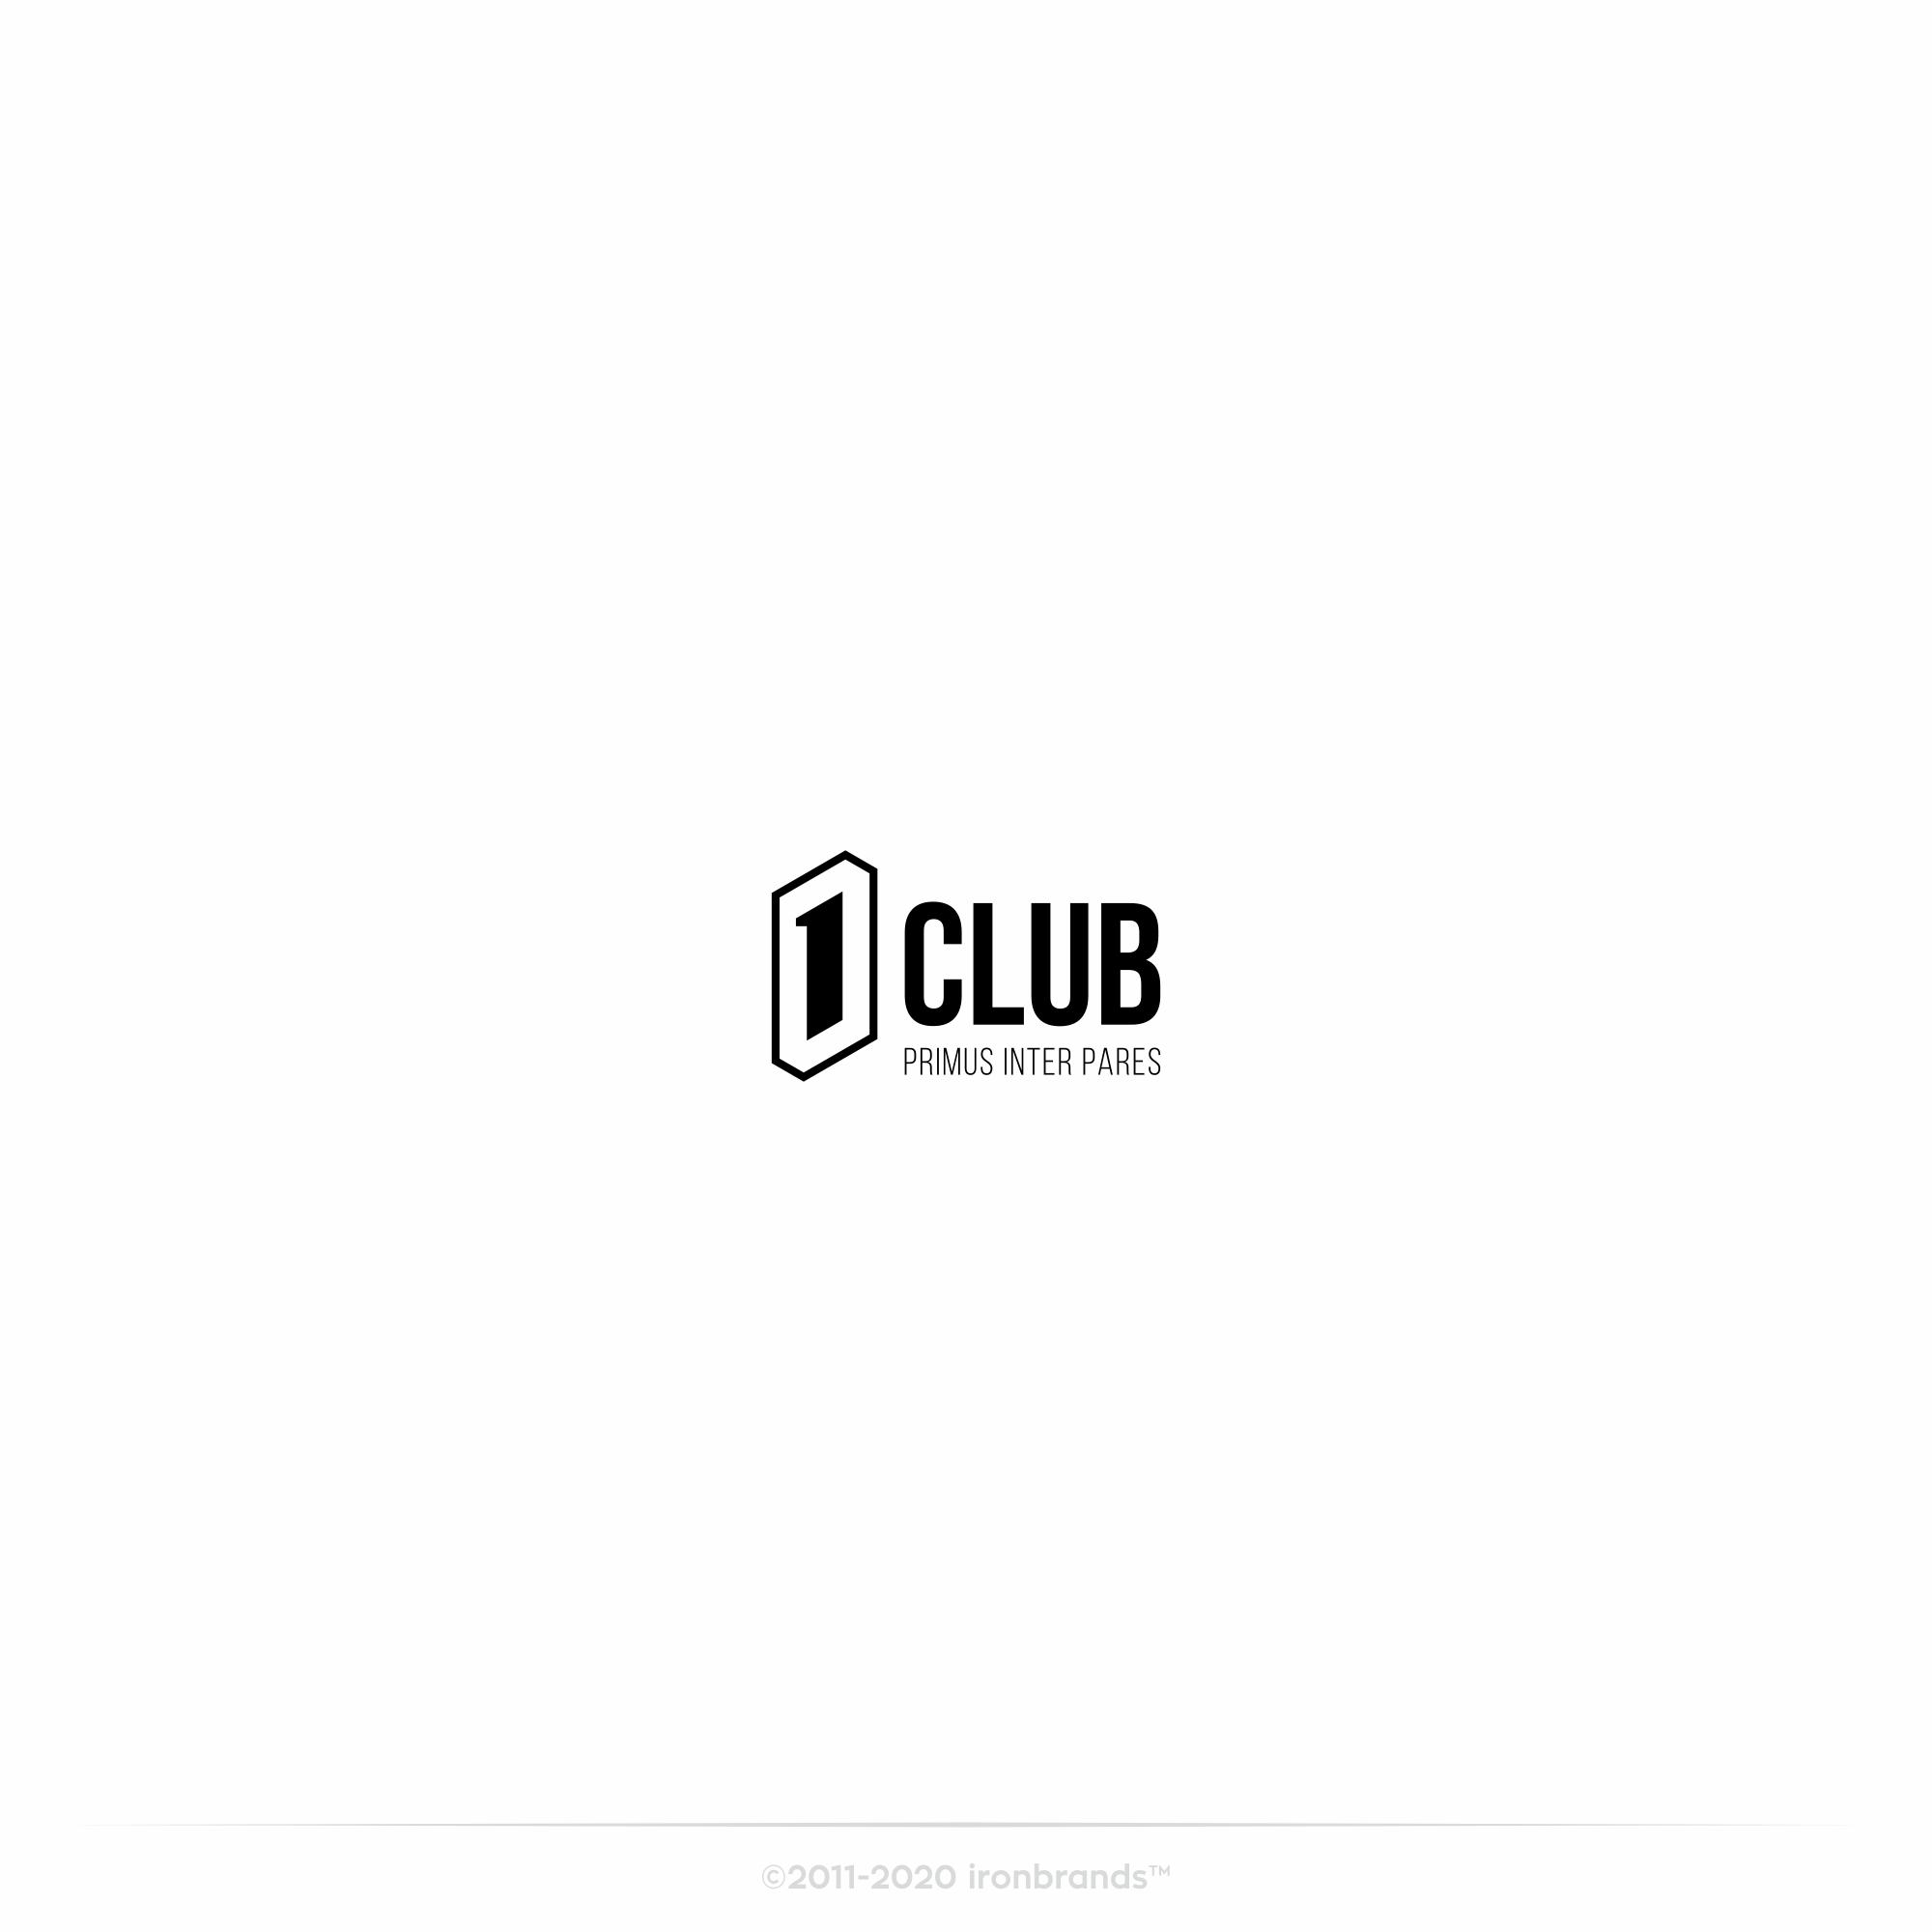 Логотип делового клуба фото f_2685f85800da75be.jpg